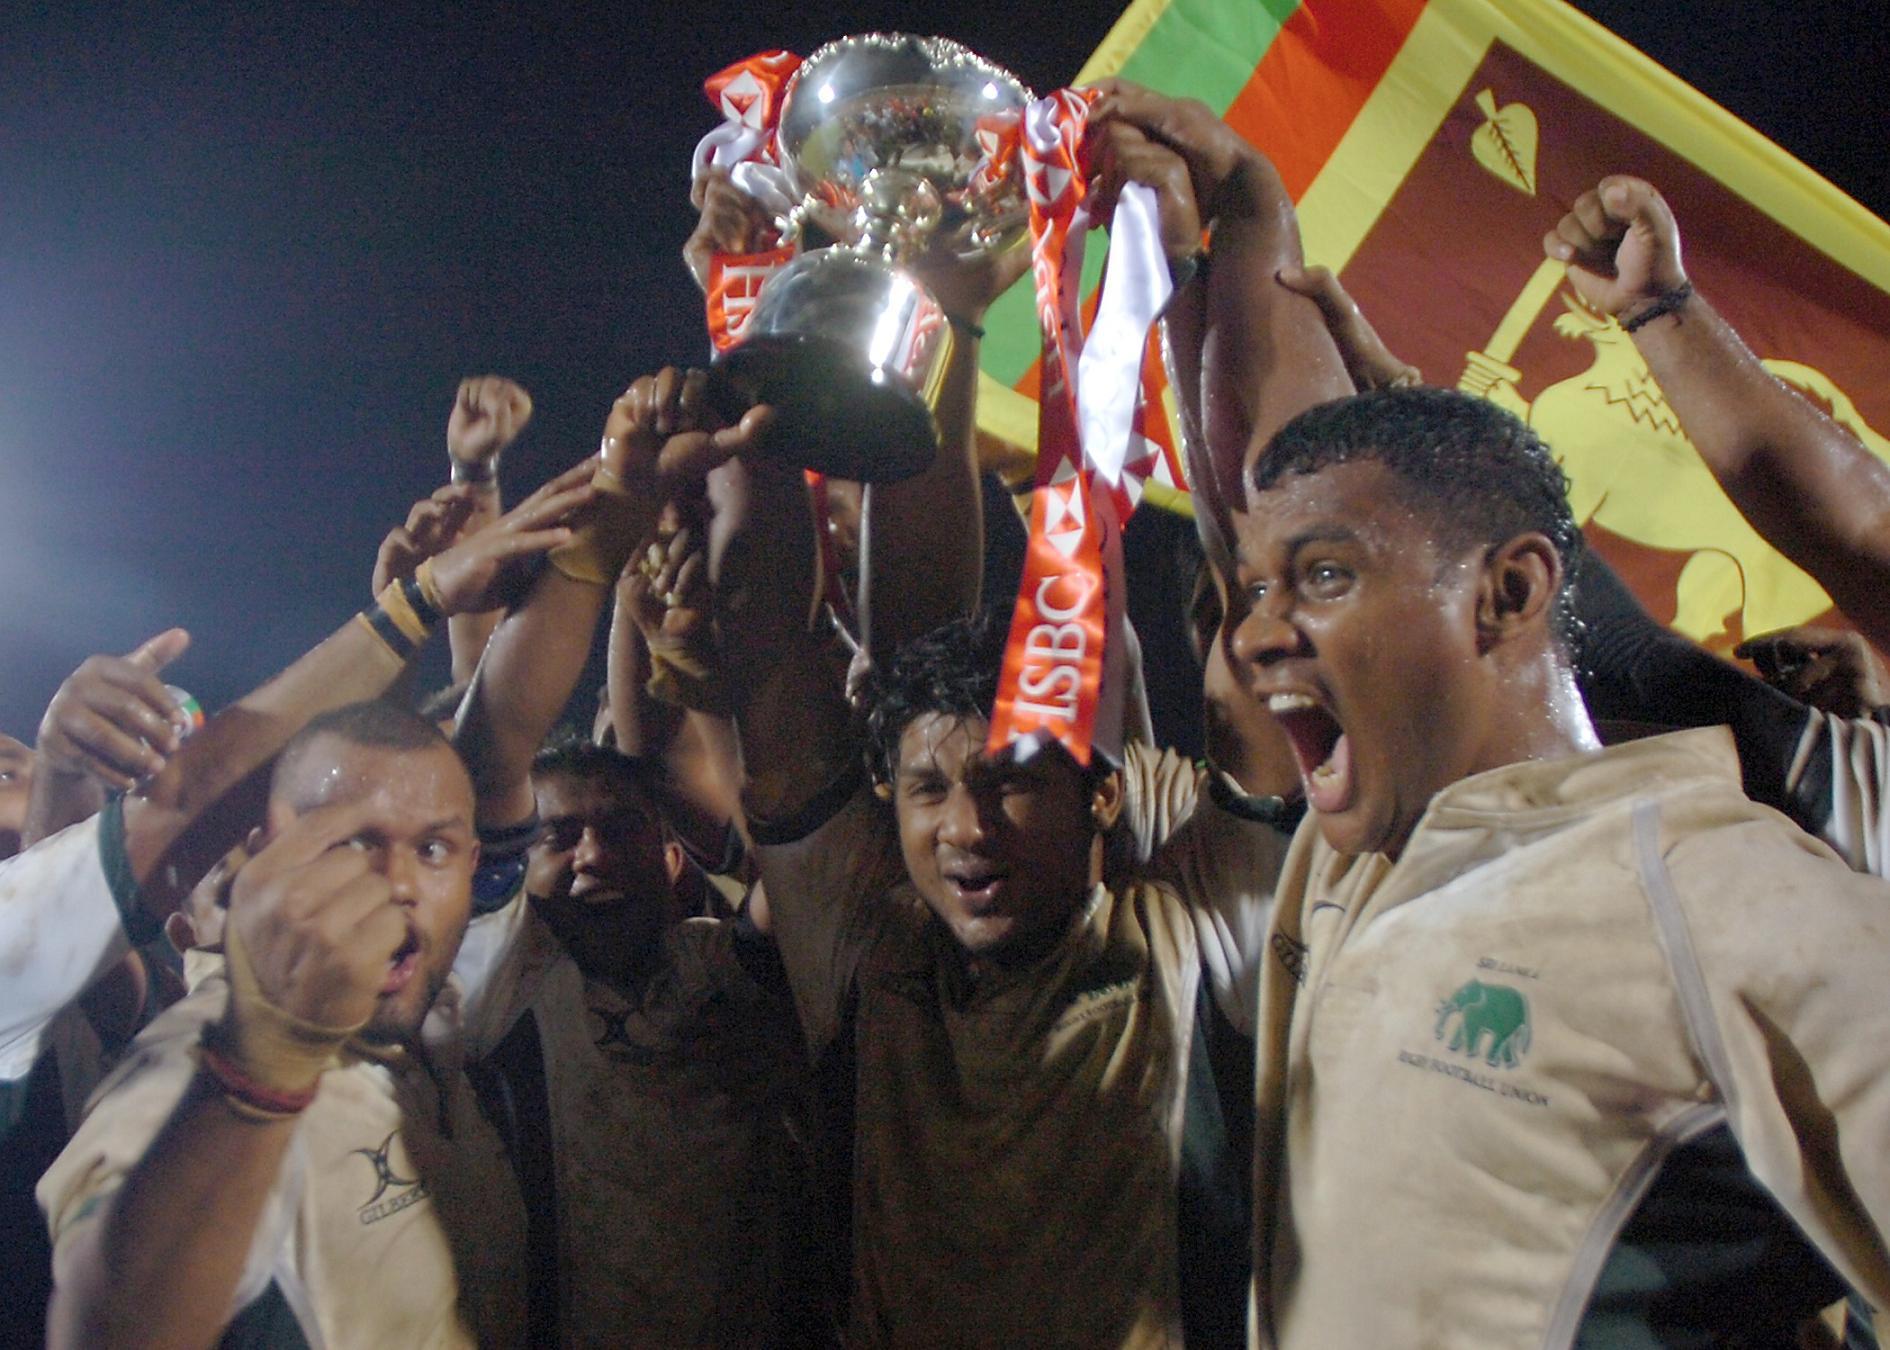 2011アジア五カ国対抗がいよいよ開幕。昨年下部リーグで優勝したスリランカがアジアトップ5に挑戦